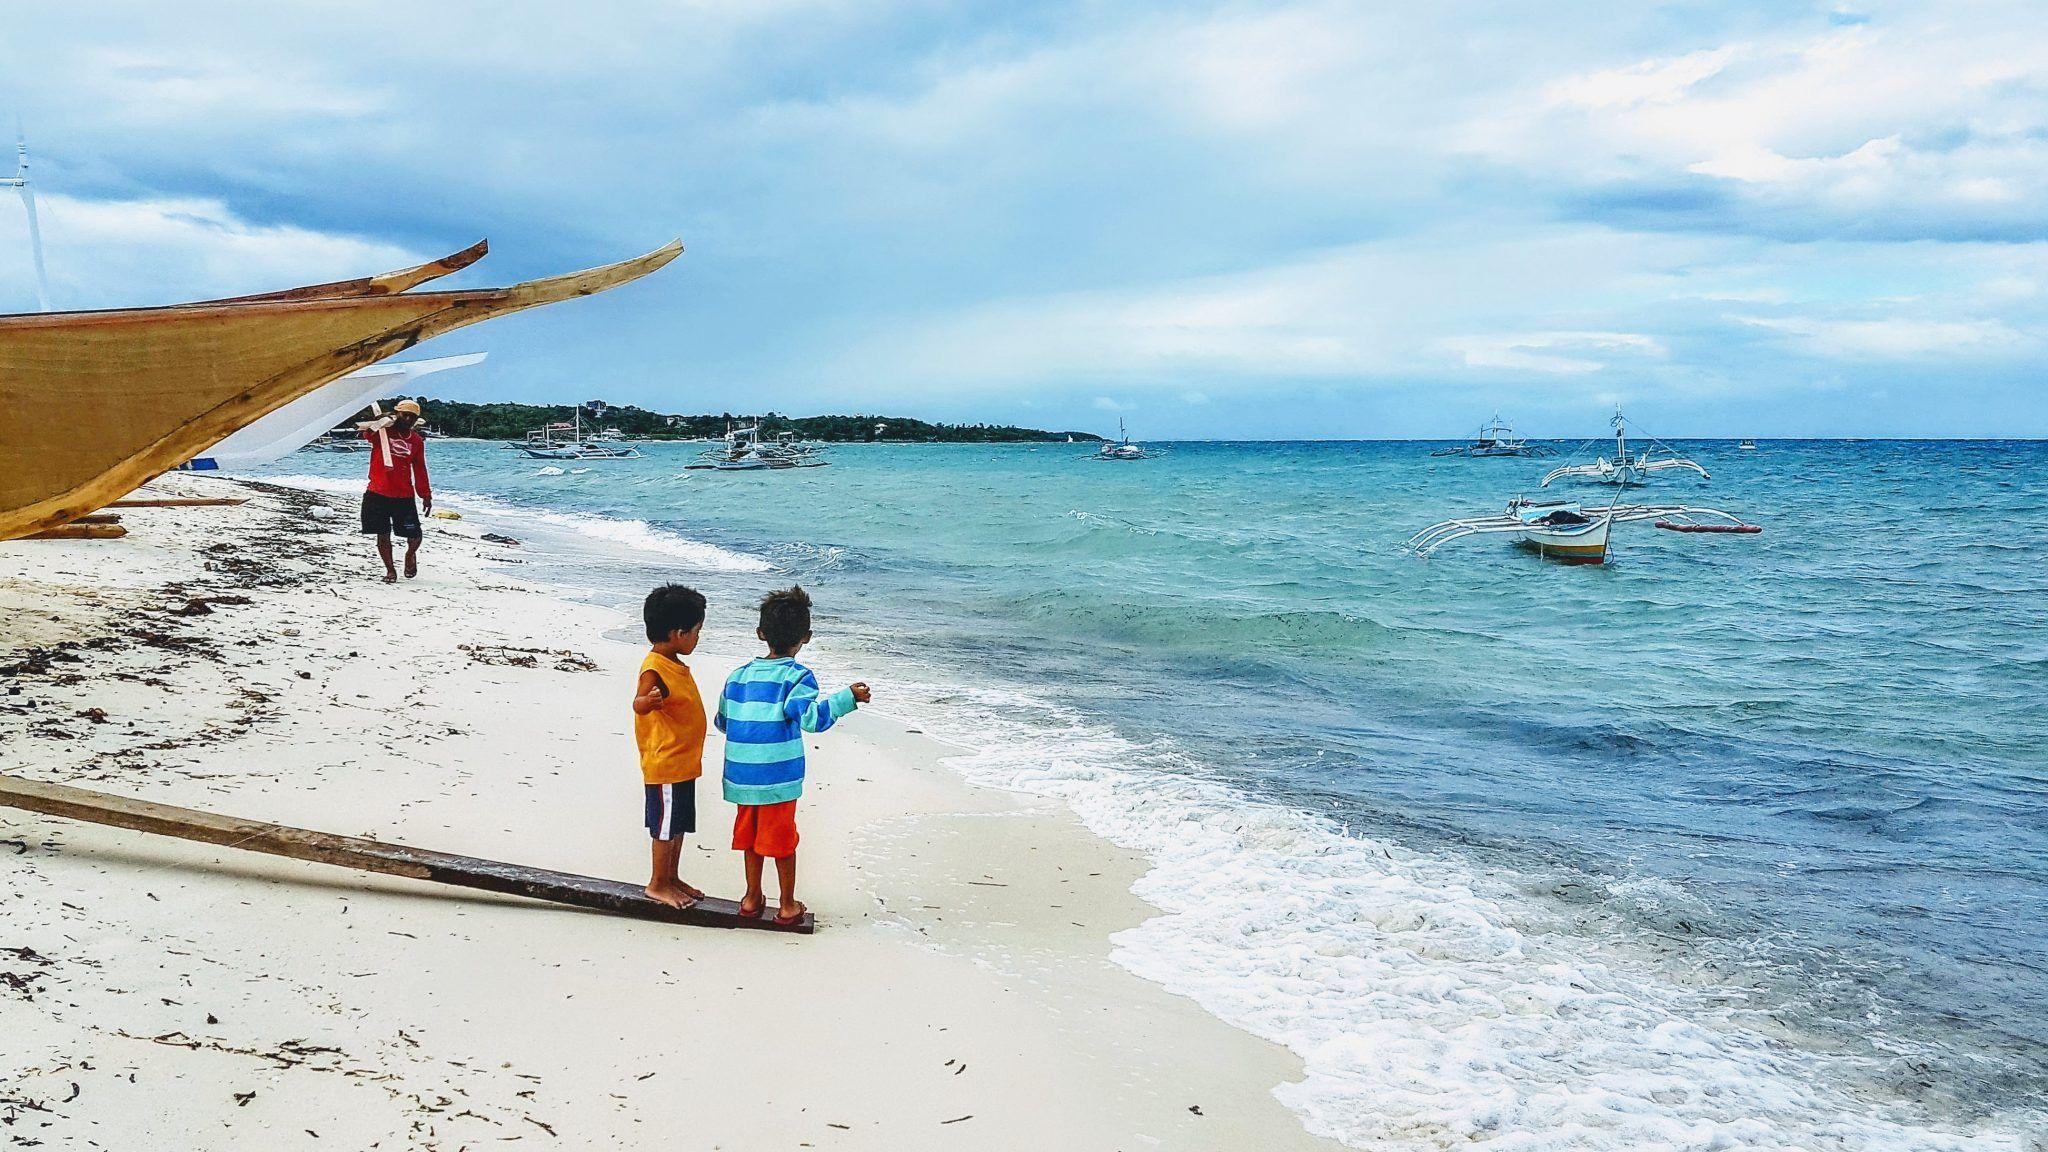 bijbehorende eilanden. Cebu is